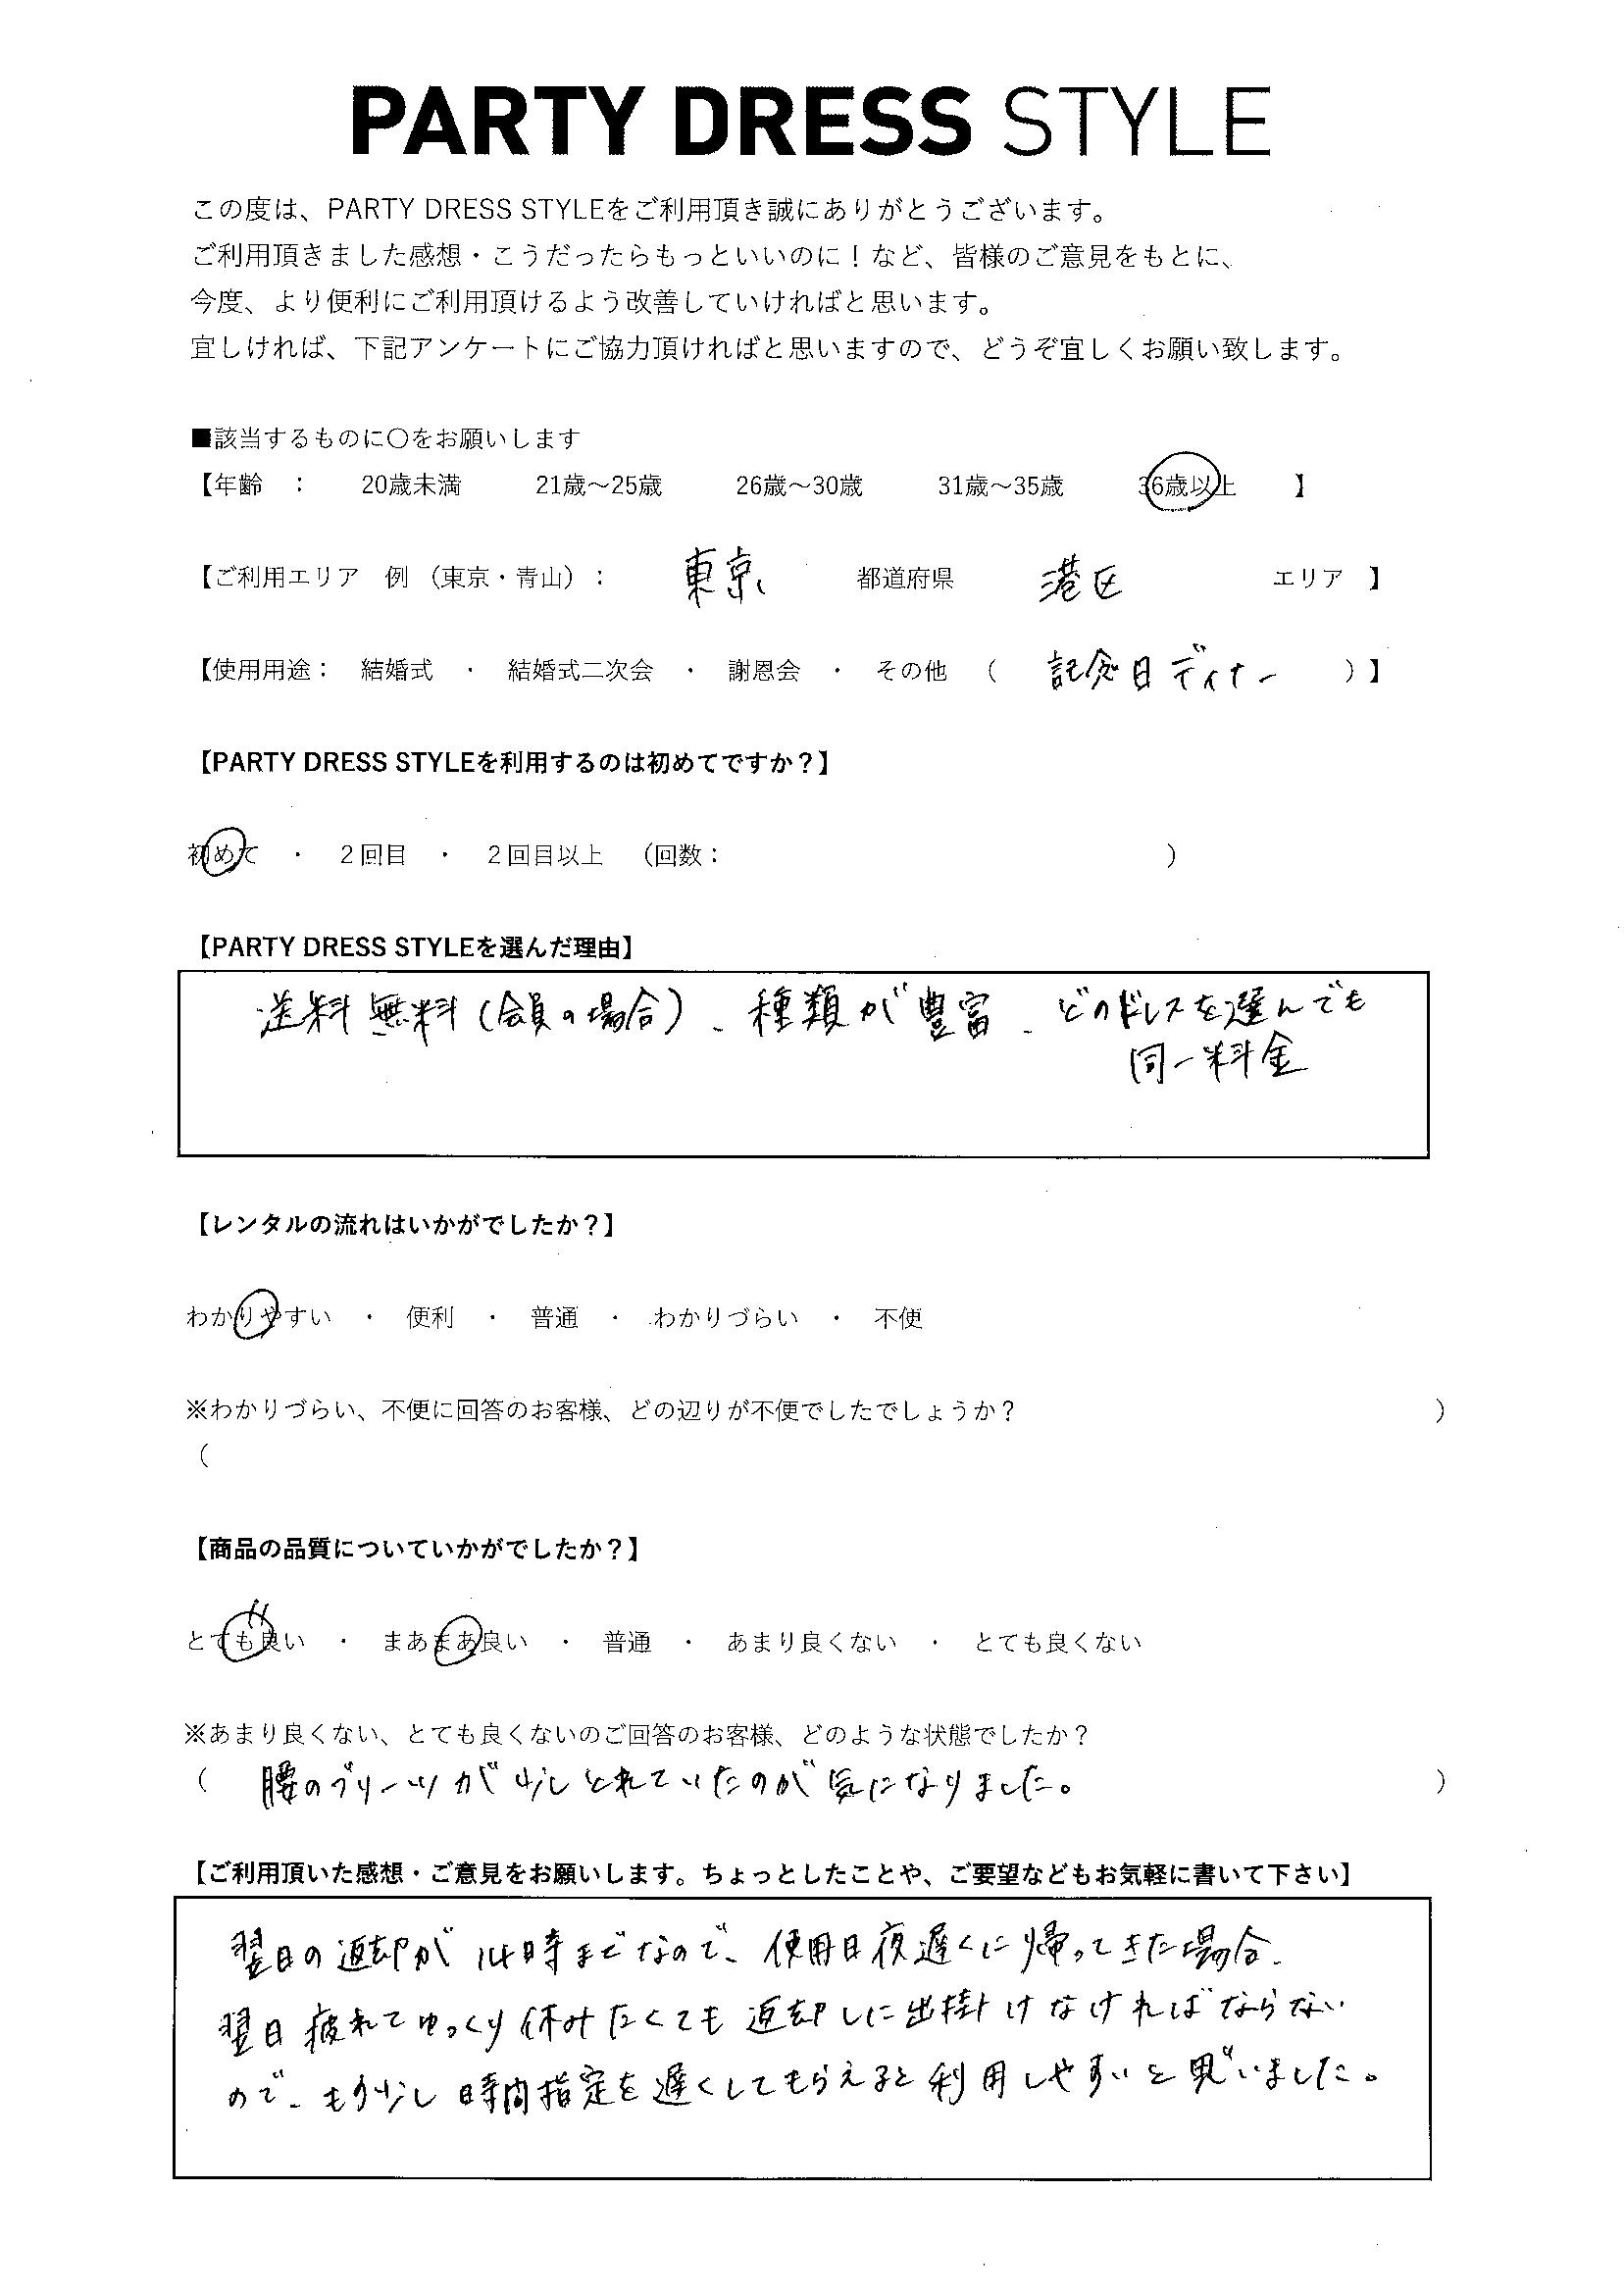 7/25記念日ディナーご利用 東京・港区エリア